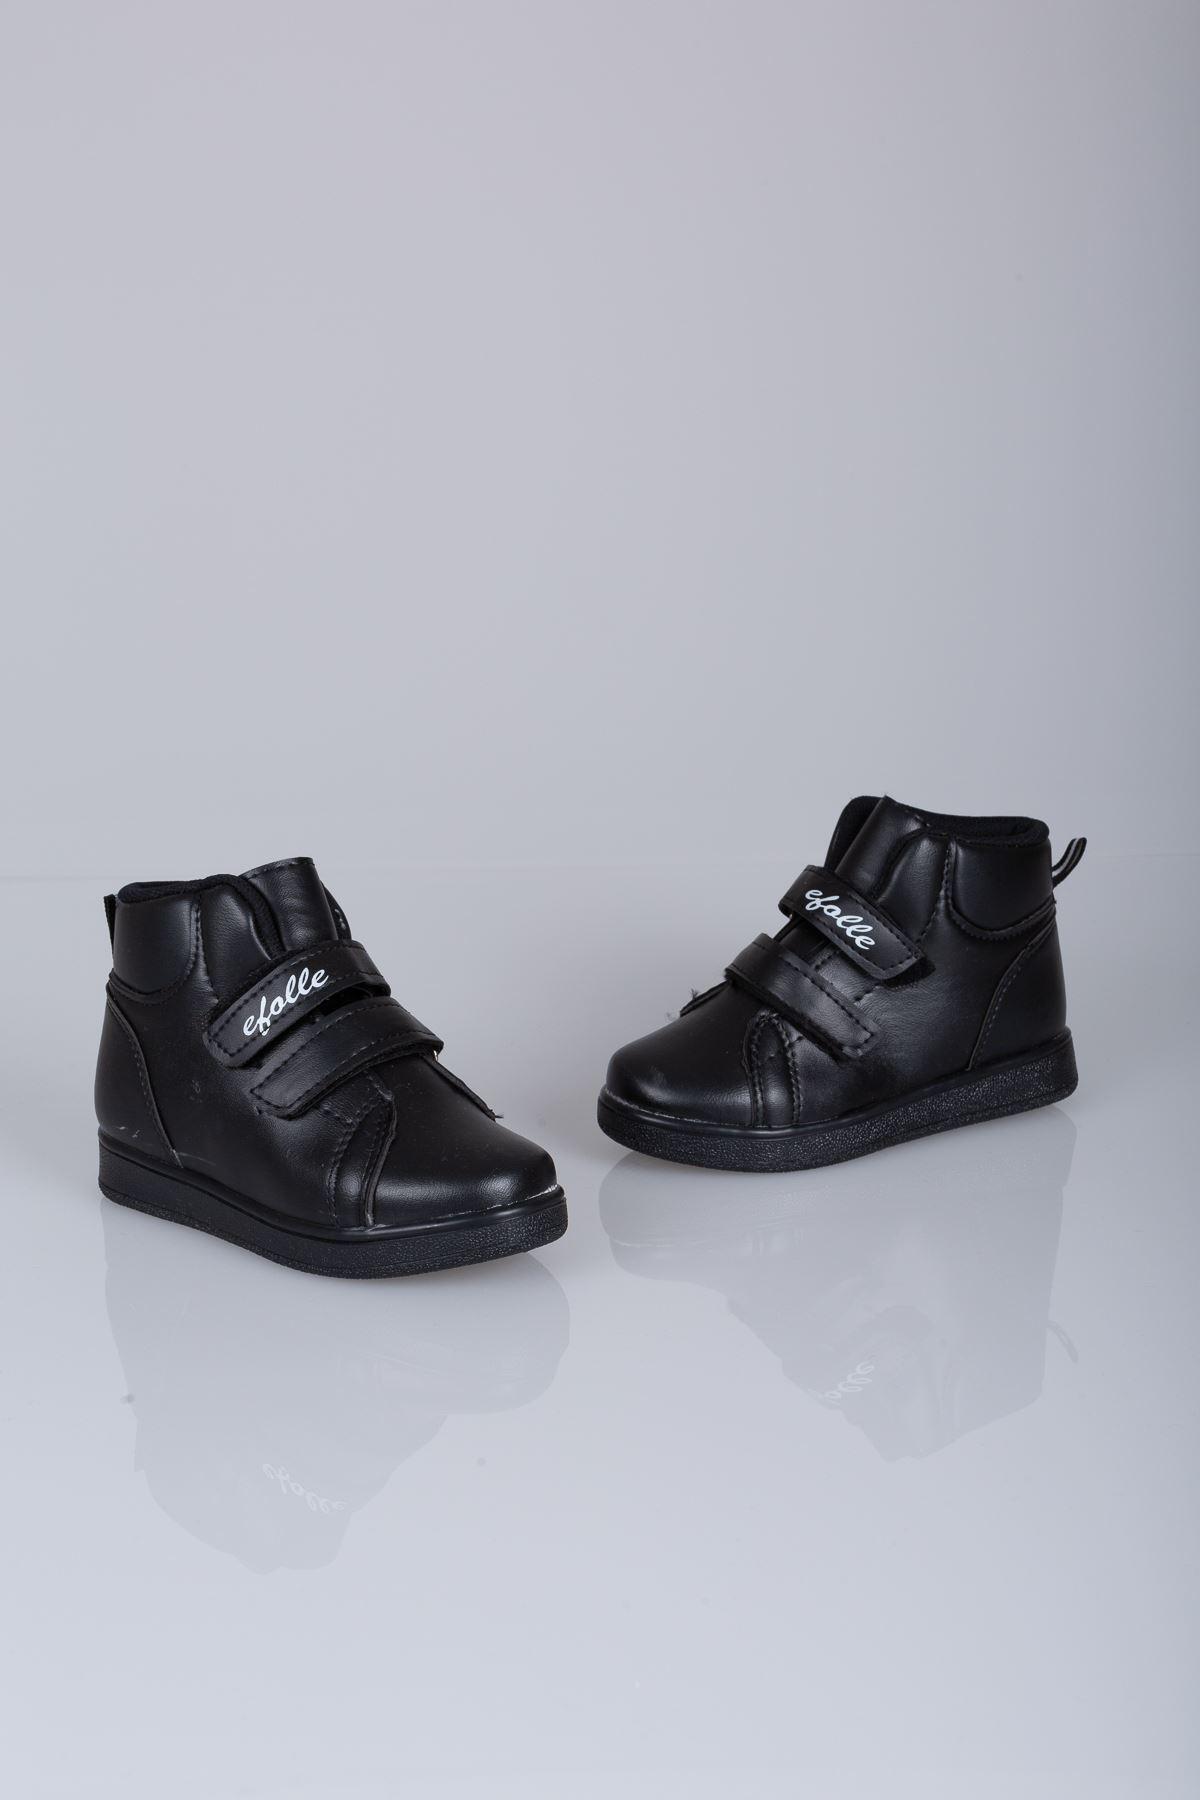 Cırtlı Siyah Tabanı Siyah Bot